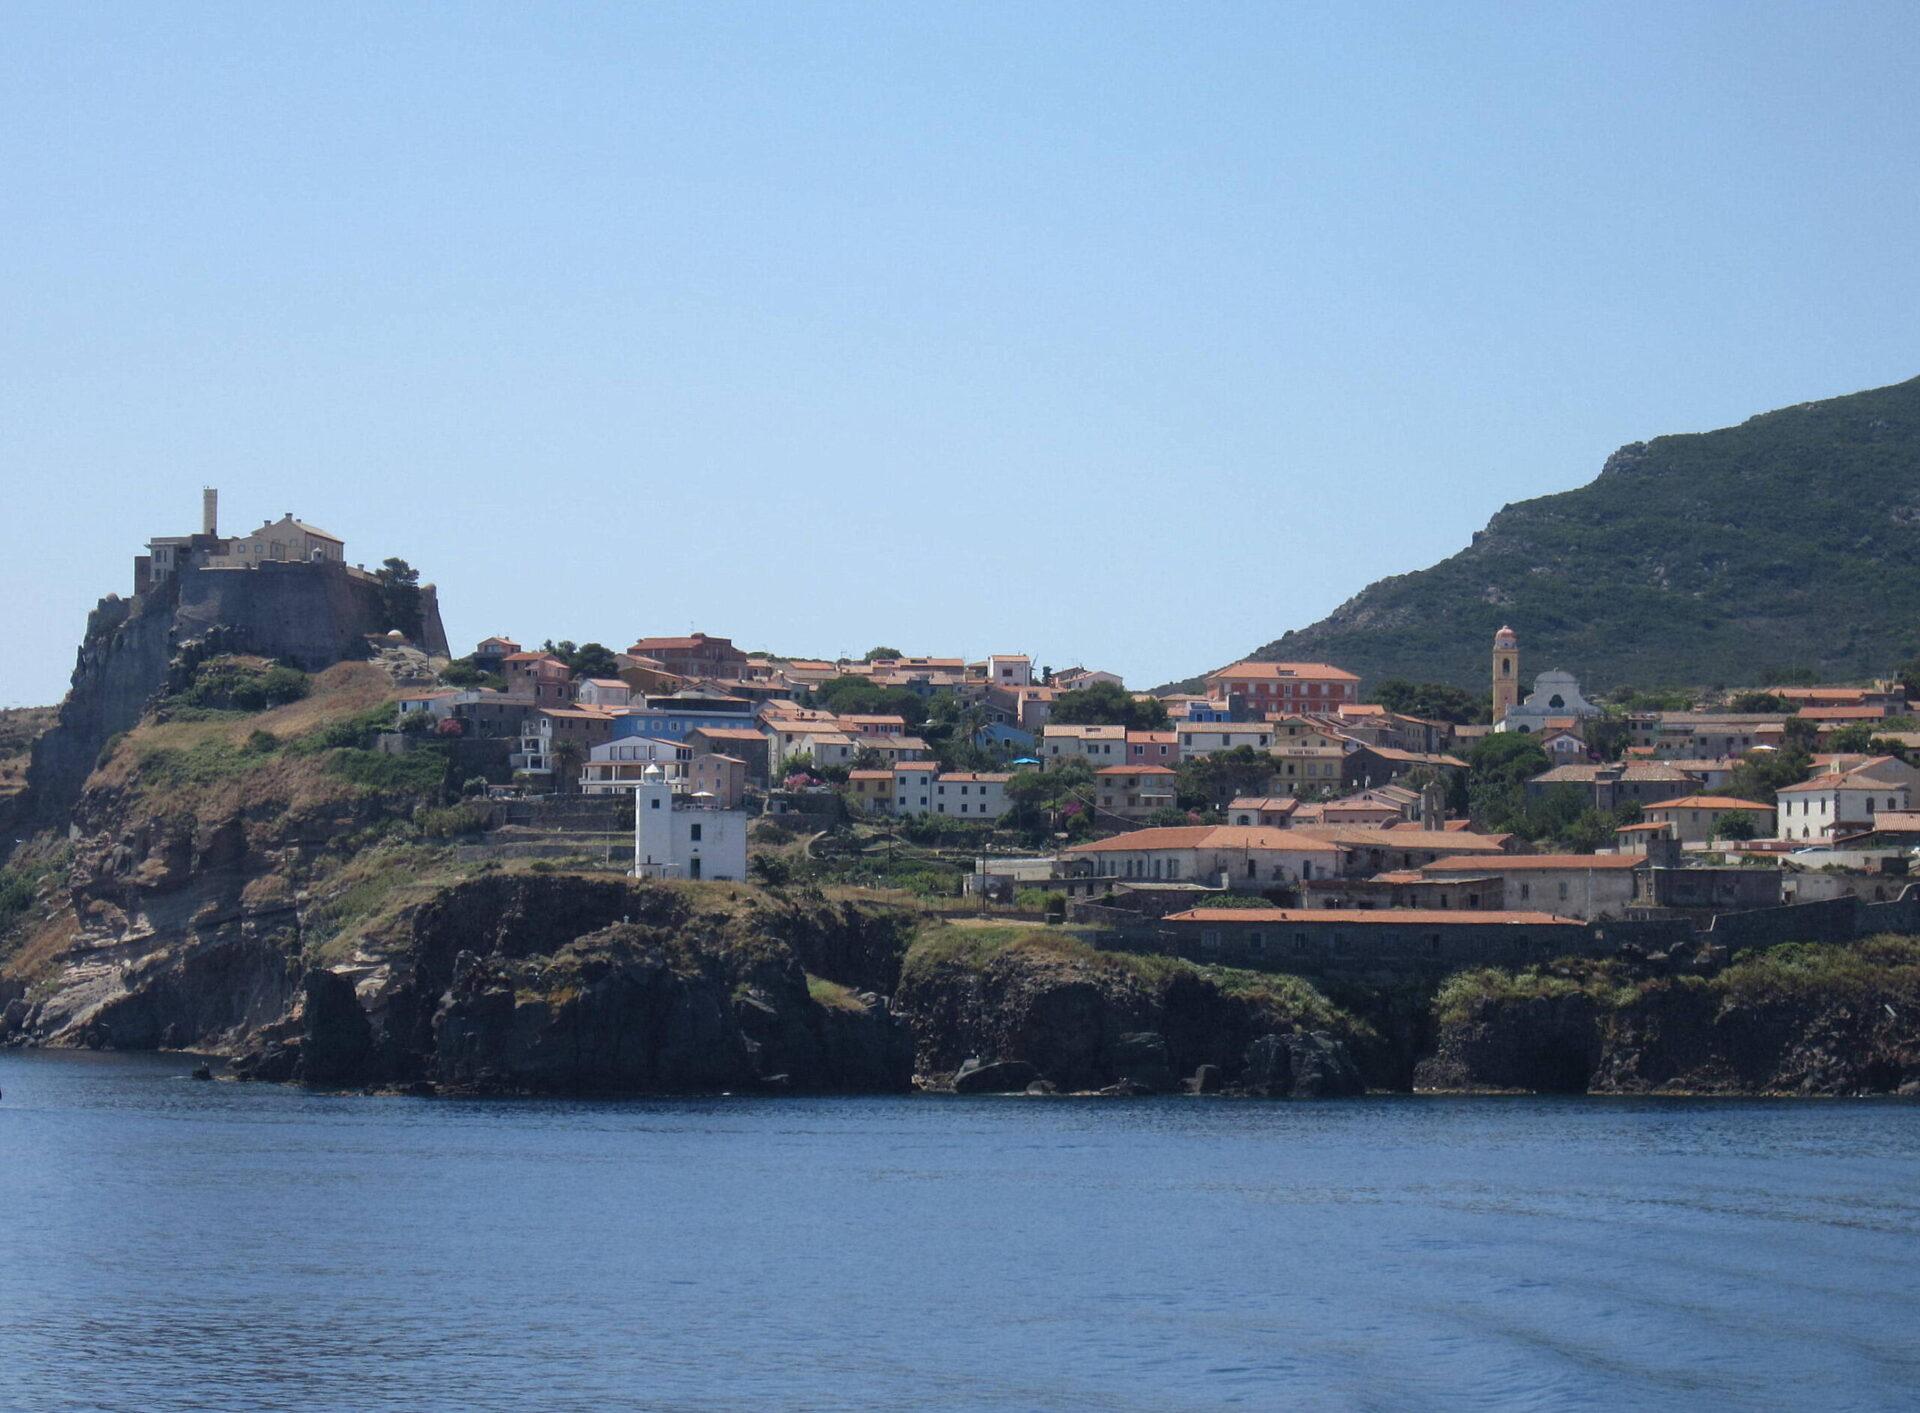 Isole Covid free, da domani vaccini a tutti gli abitanti di Capraia. Poi toccherà a Giglio e Giannutri